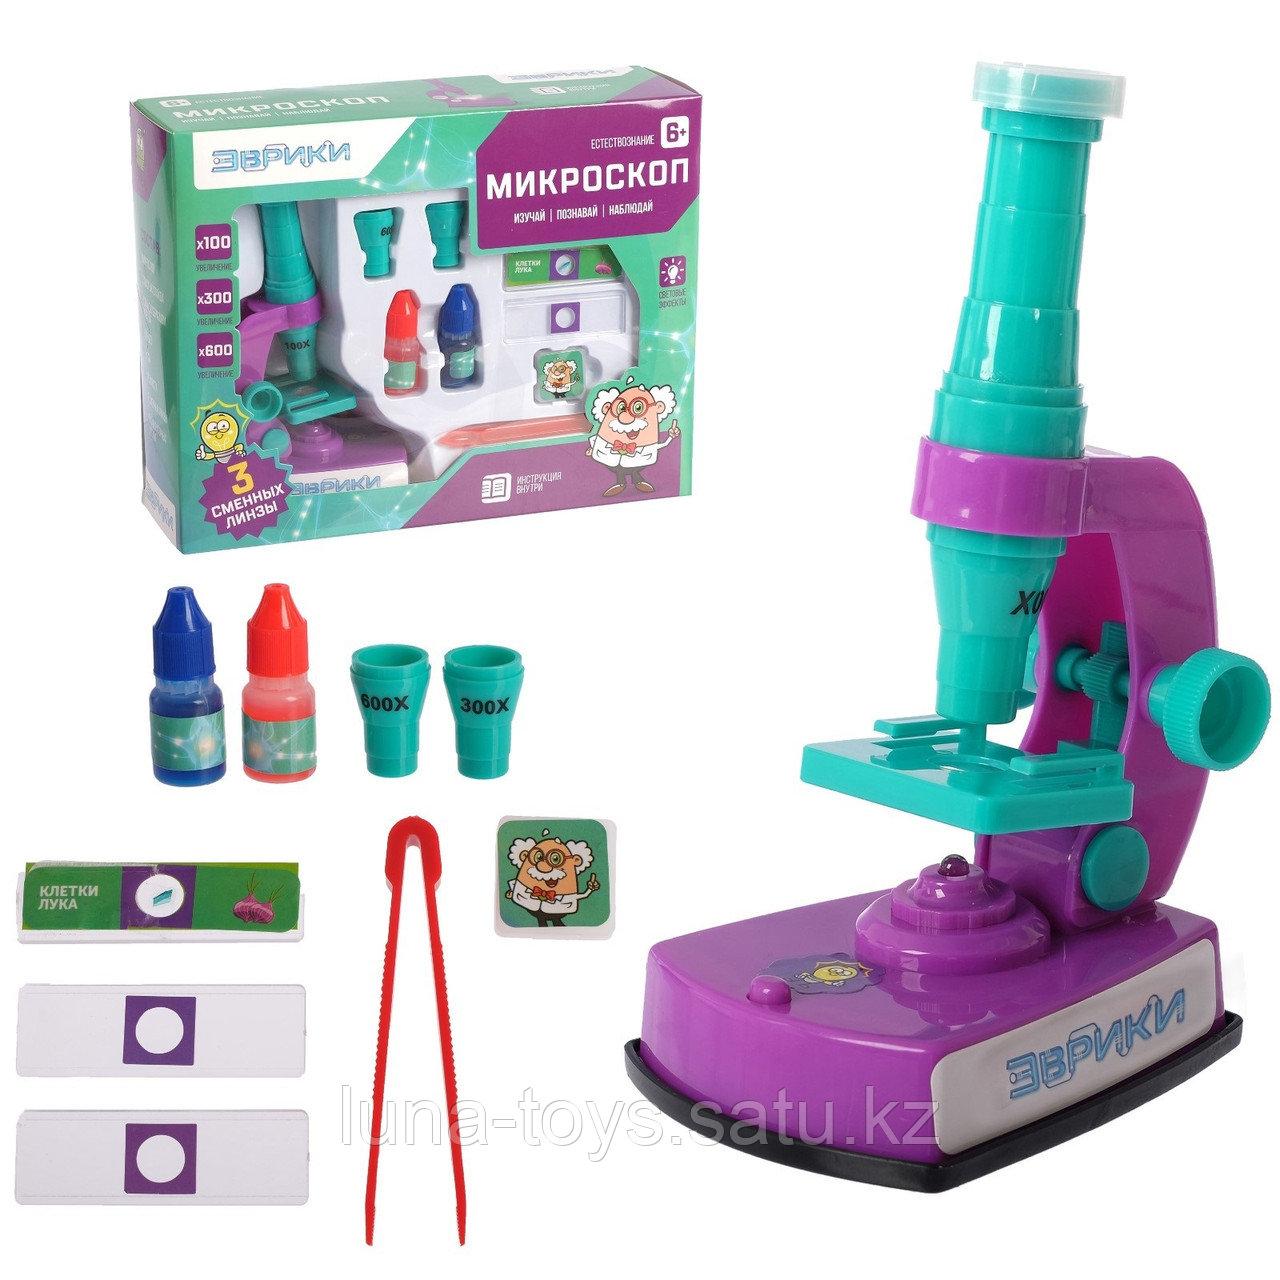 Микроскоп Эврики со световыми эффектами и сменными линзами SL-00474